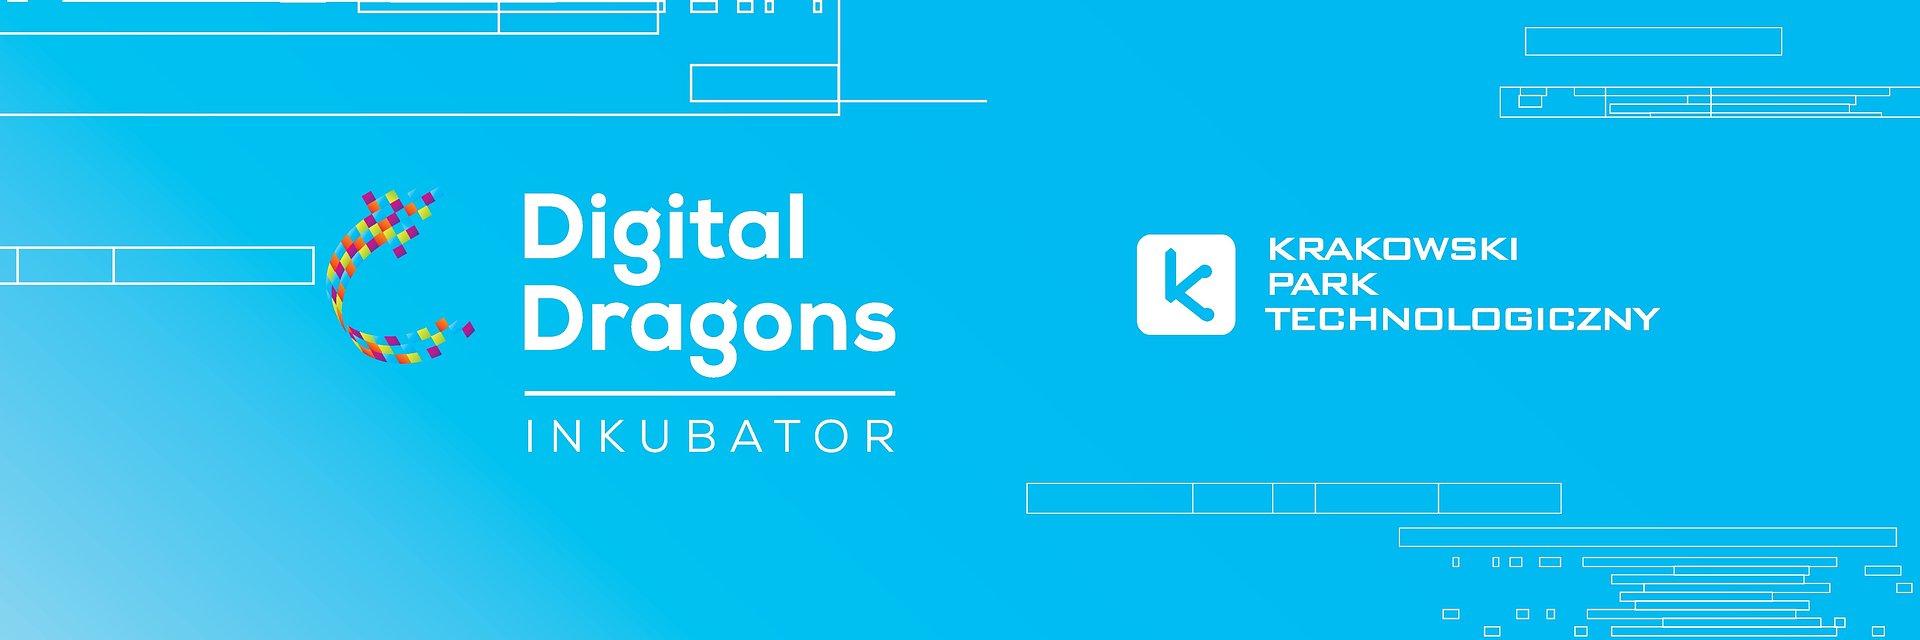 Trzecia edycja Inkubatora Digital Dragons zakończona